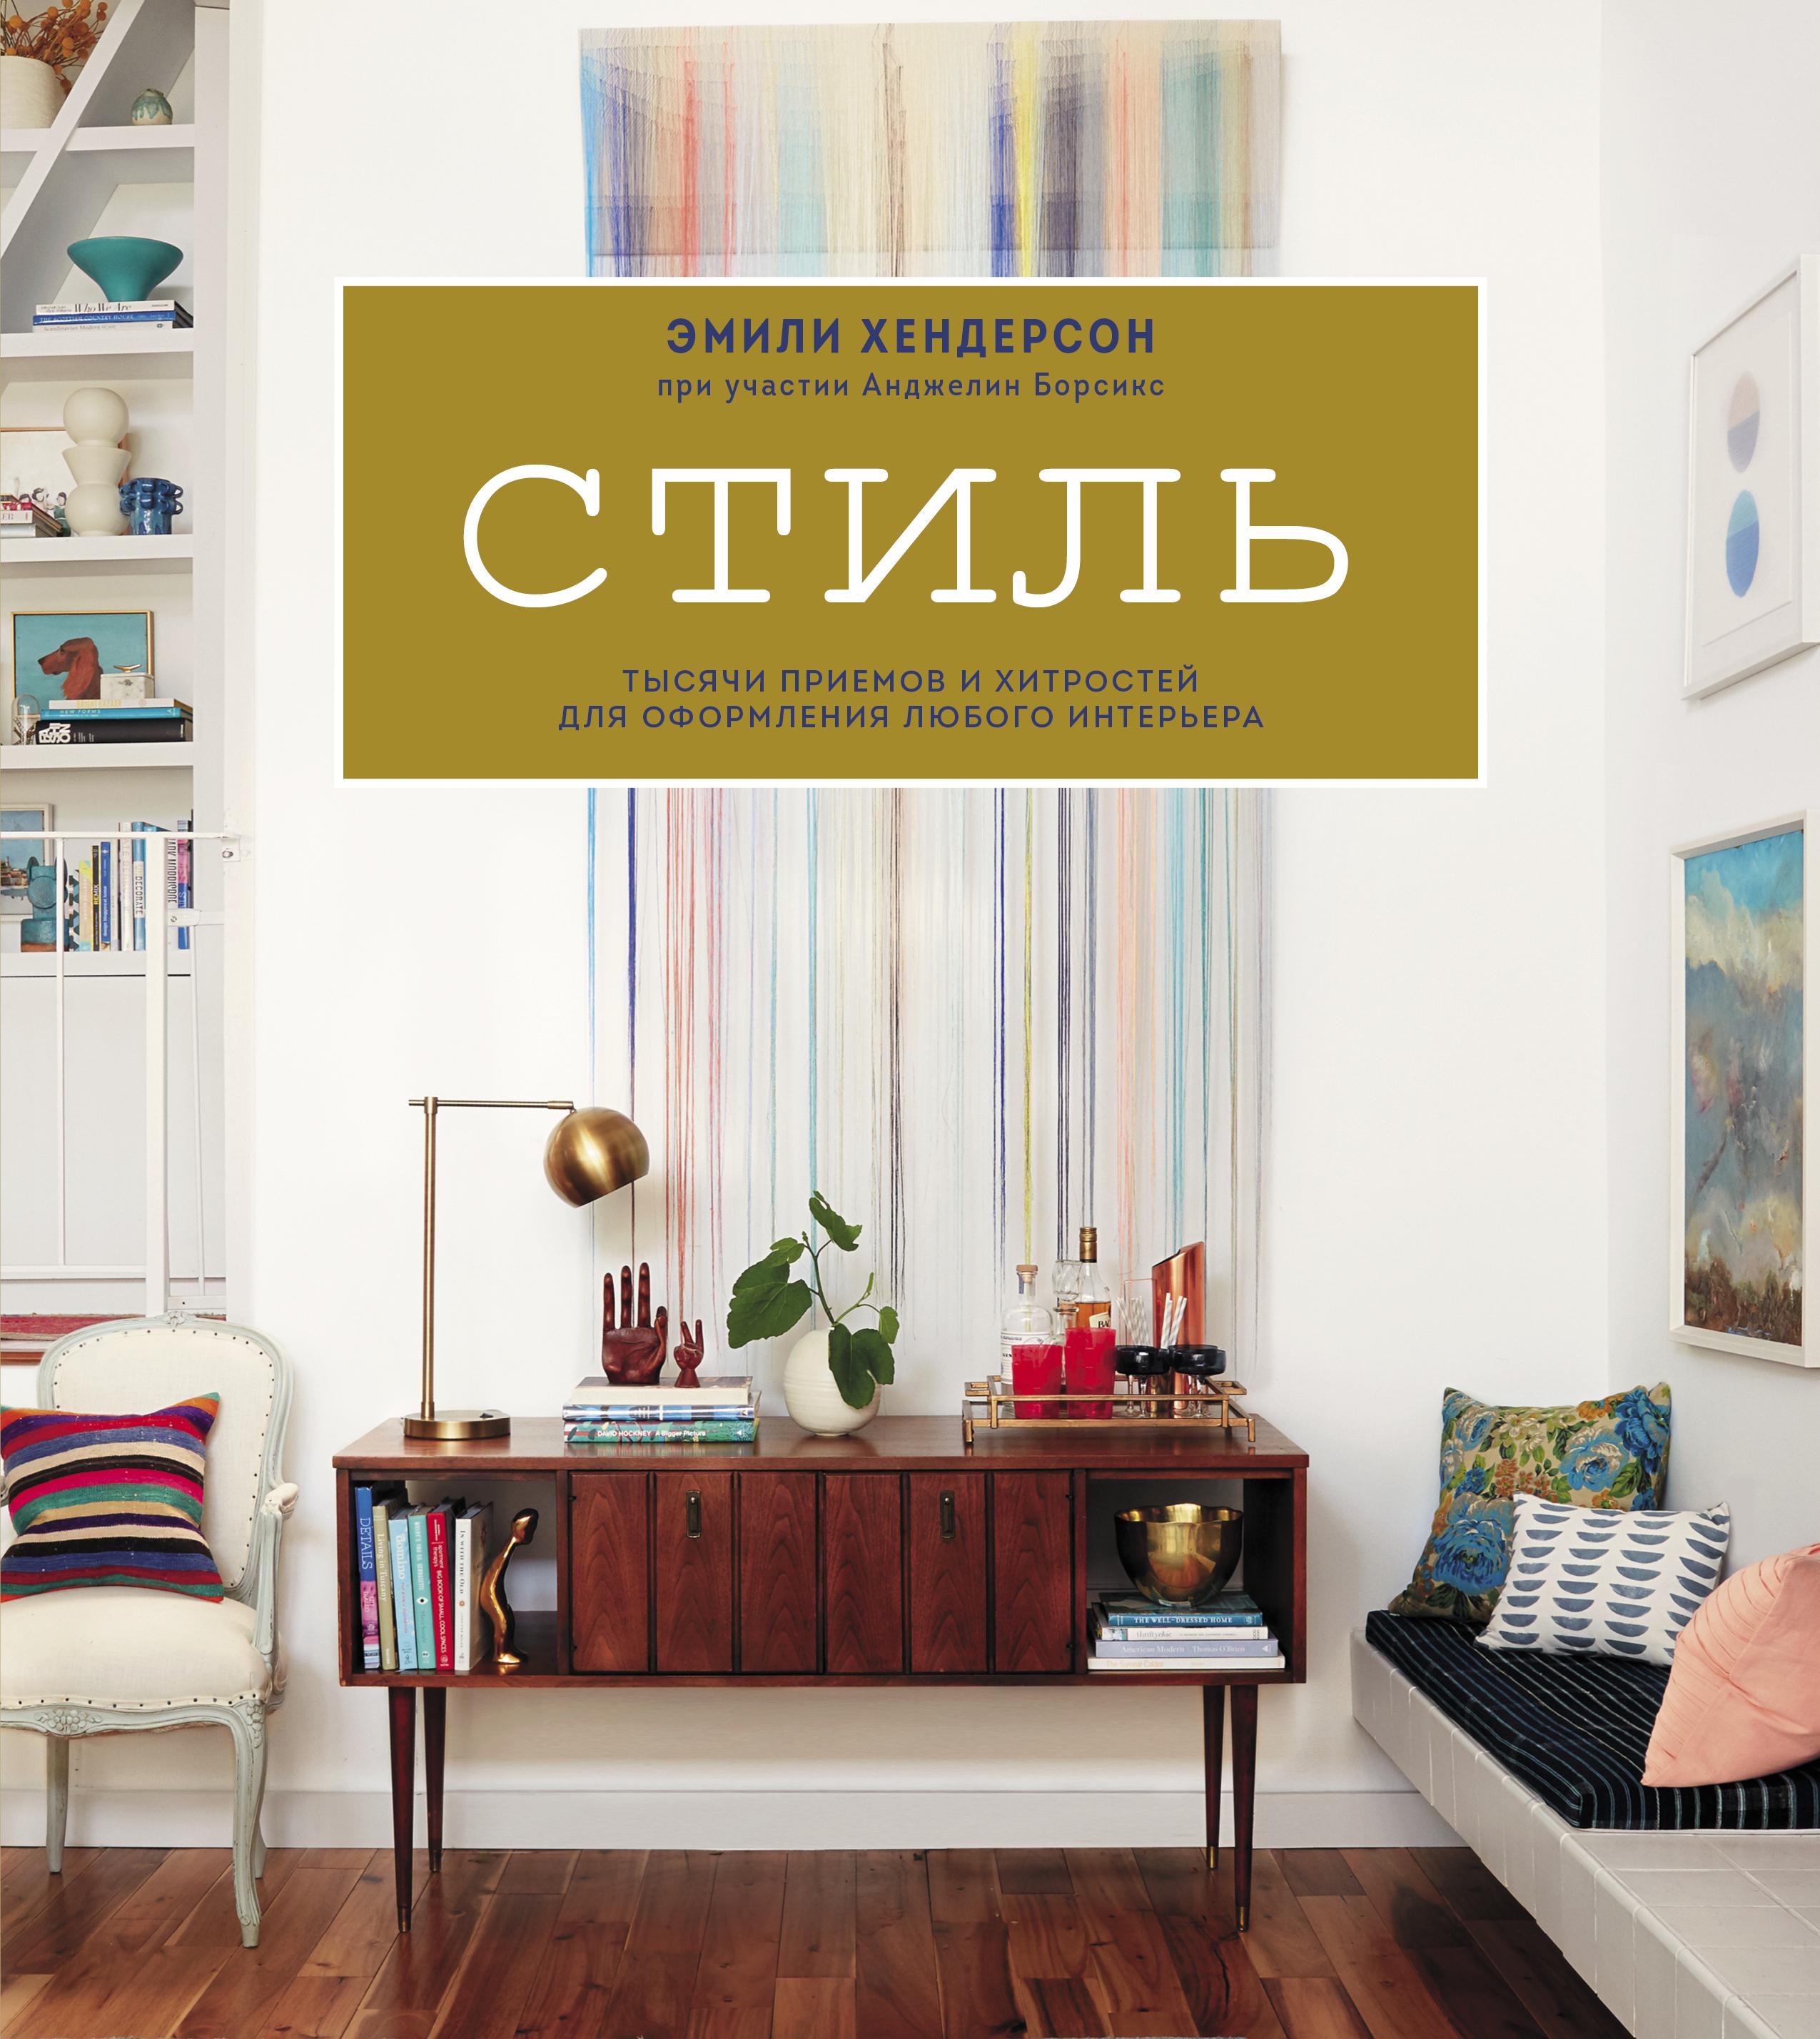 Стиль. Тысячи приемов и хитростей для оформления любого интерьера от book24.ru